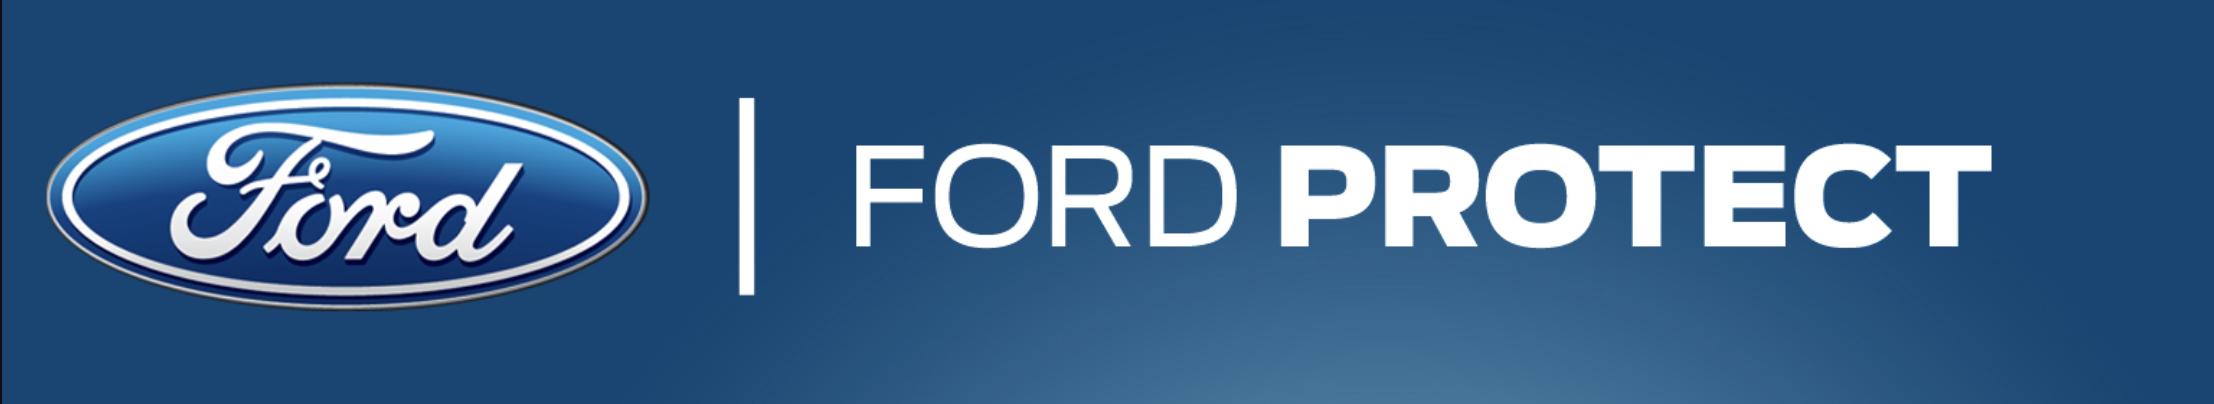 Ford Warranty Service in Rosetown, Saskatchewan